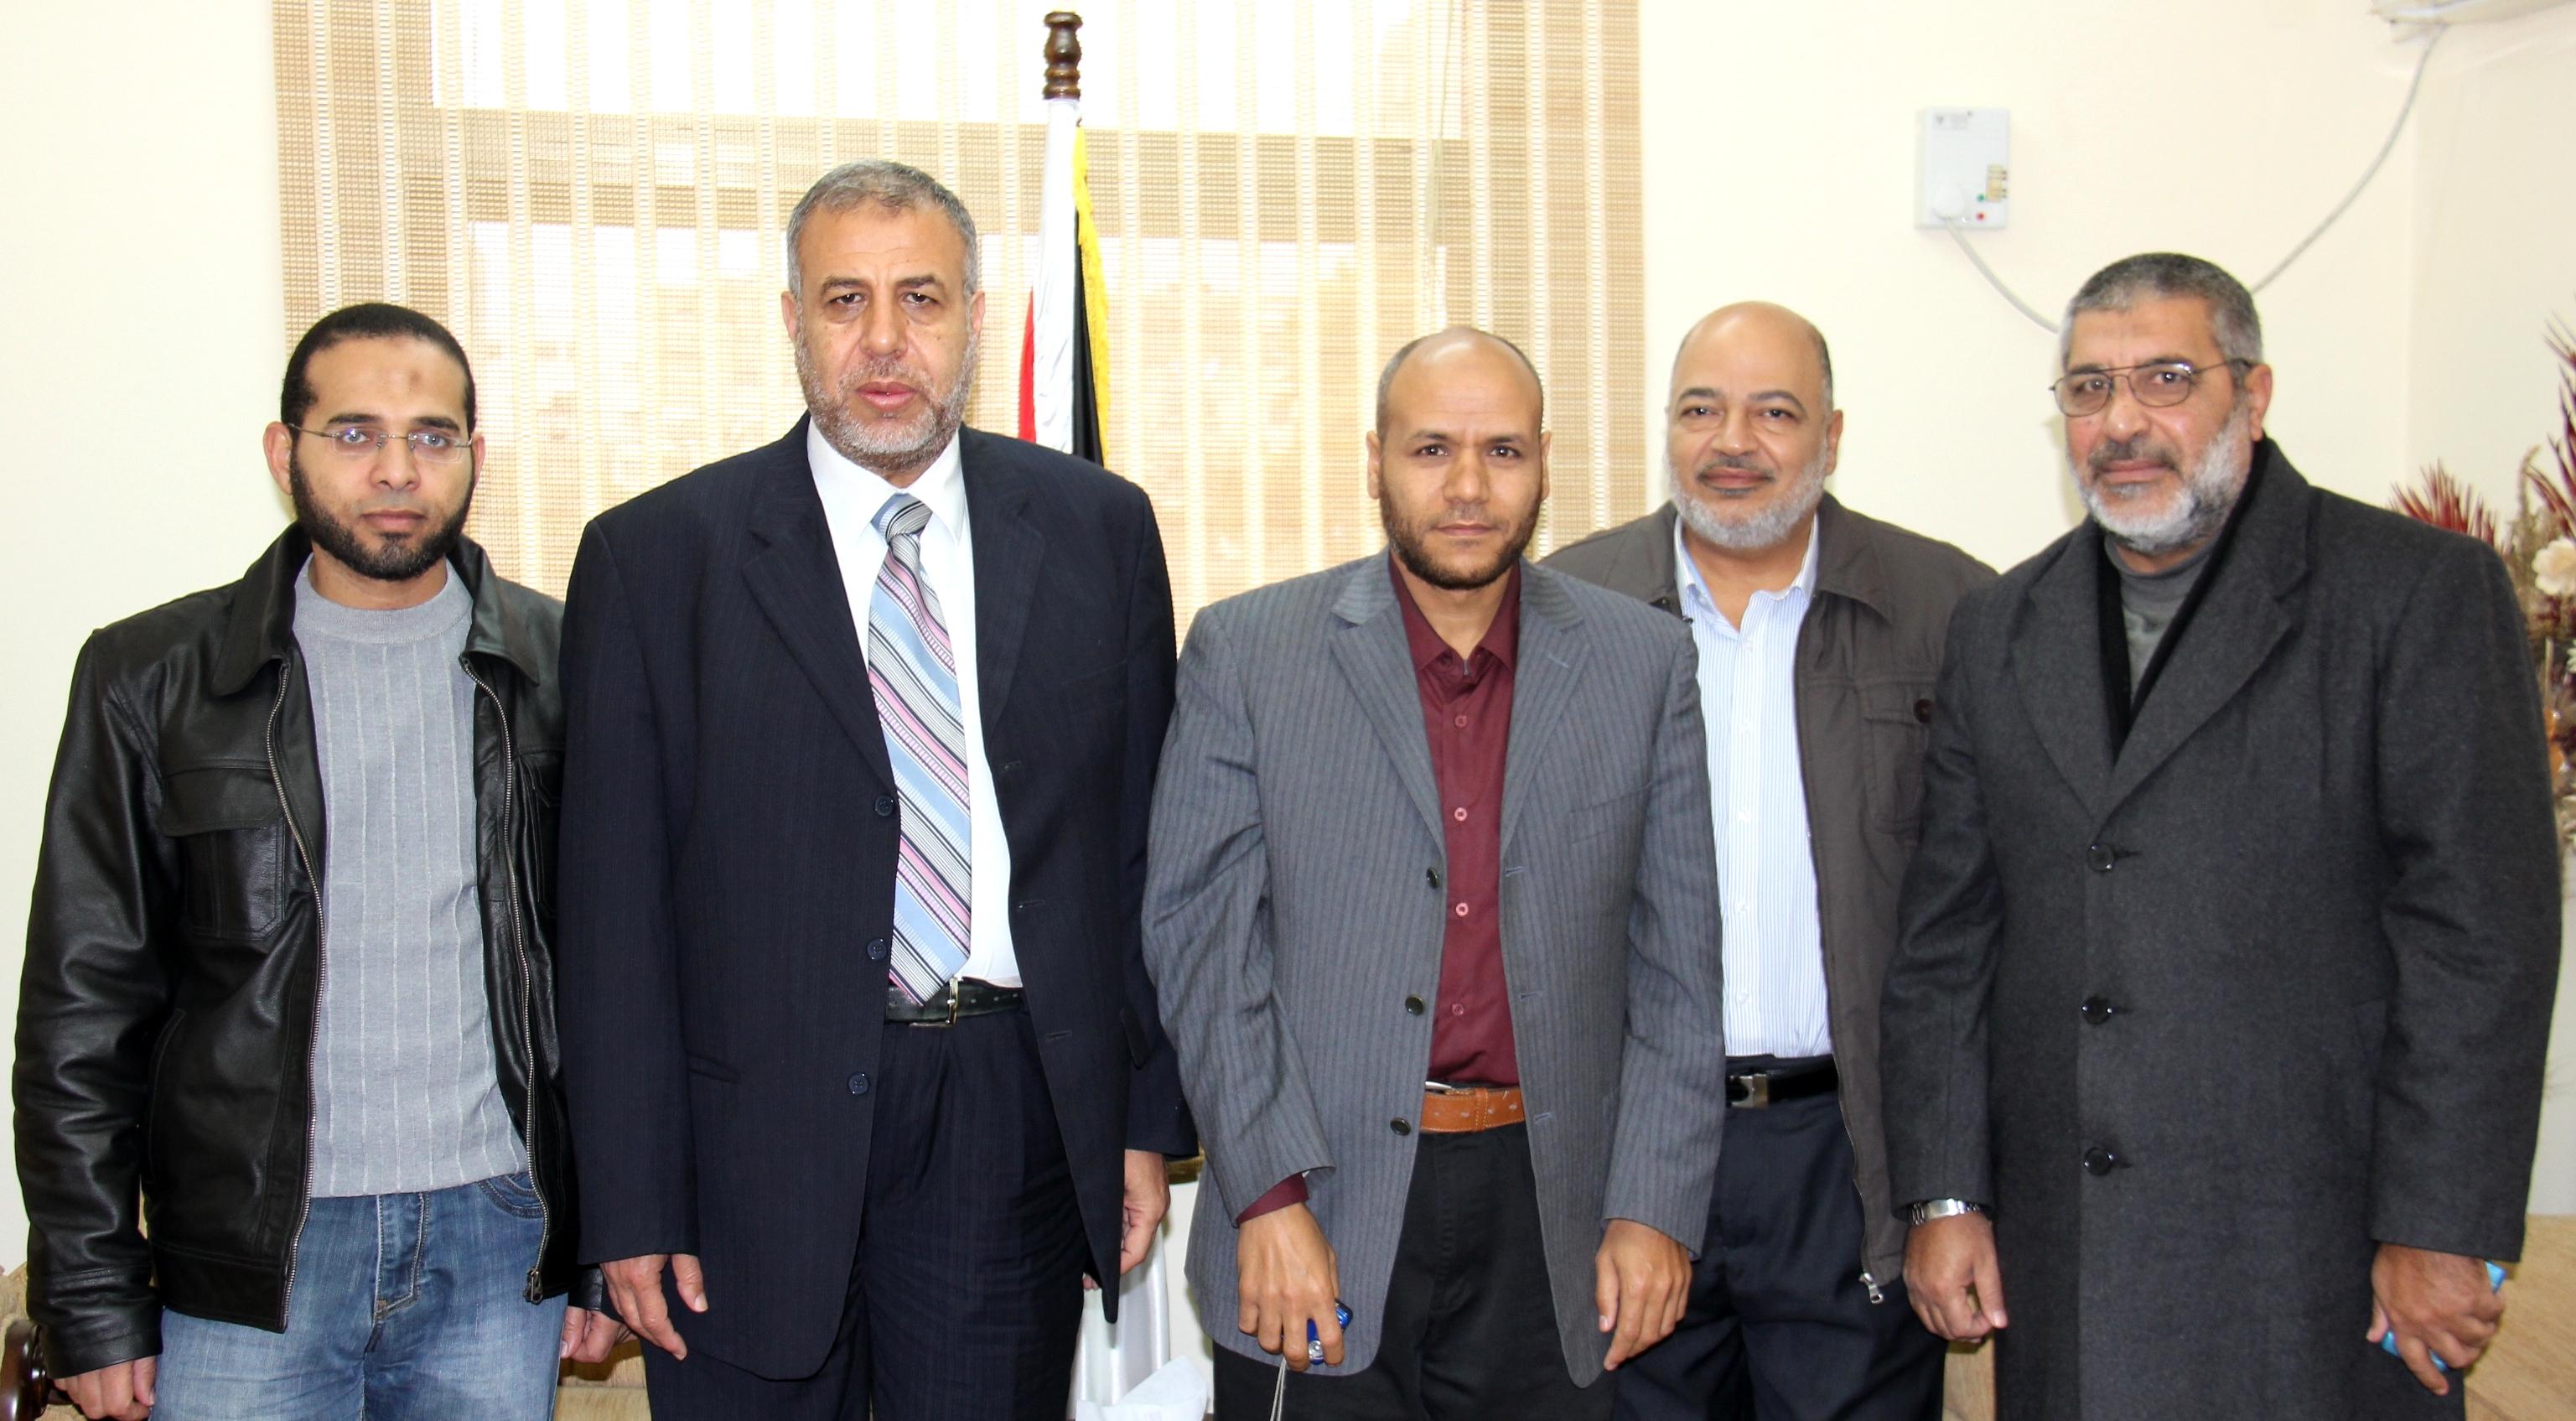 الصحة :الوزير المخللاتي يستقبل وفد من الندوة العالمية للشباب الإسلامي